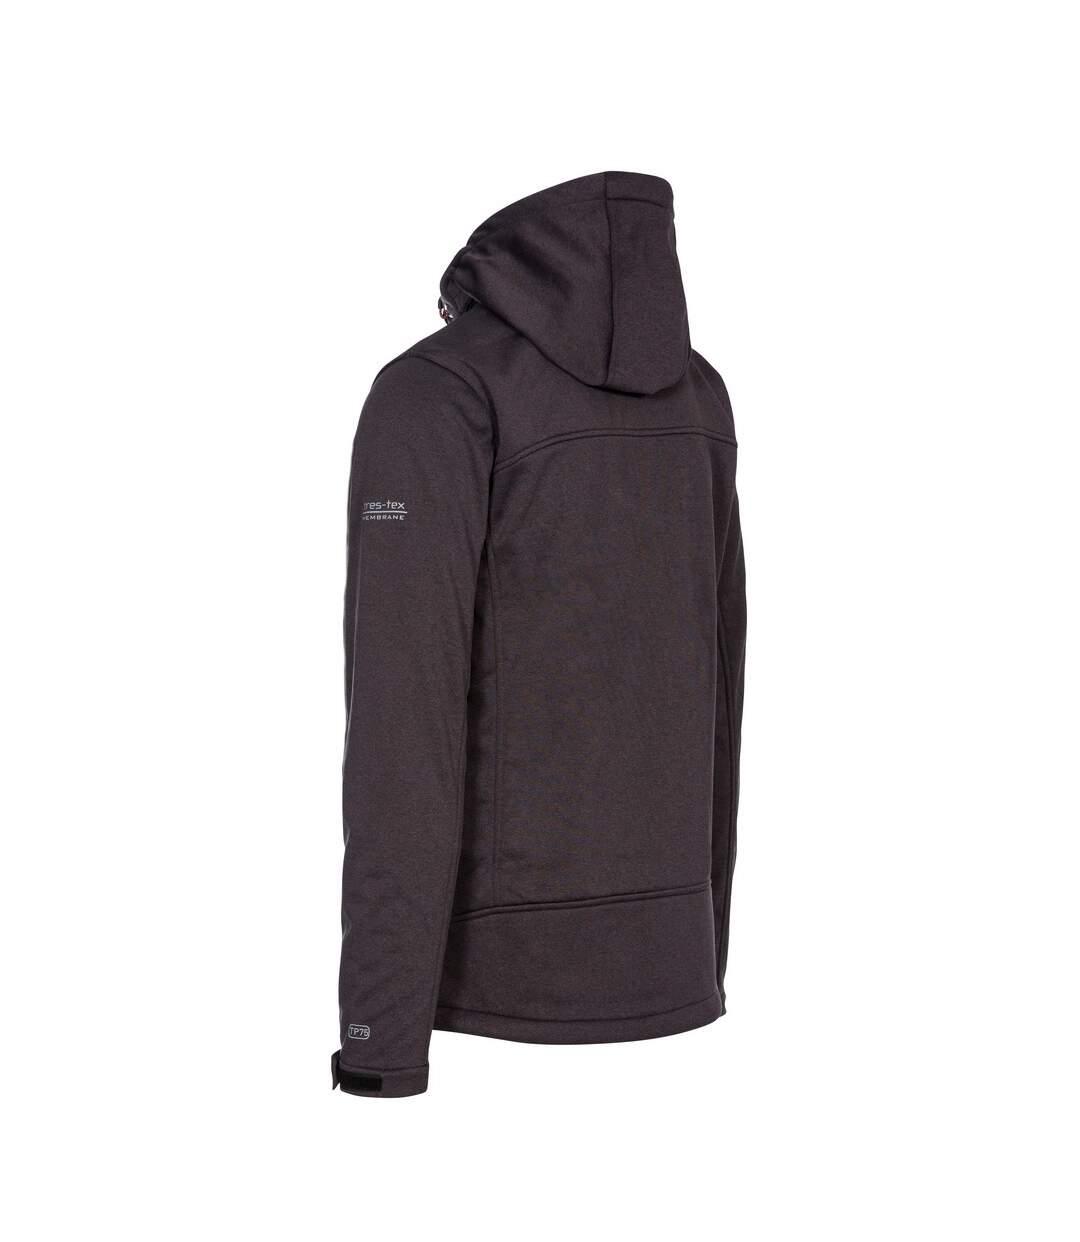 Trespass Mens Maynard TP75 Softshell Jacket (Dark Grey Marl) - UTTP4261